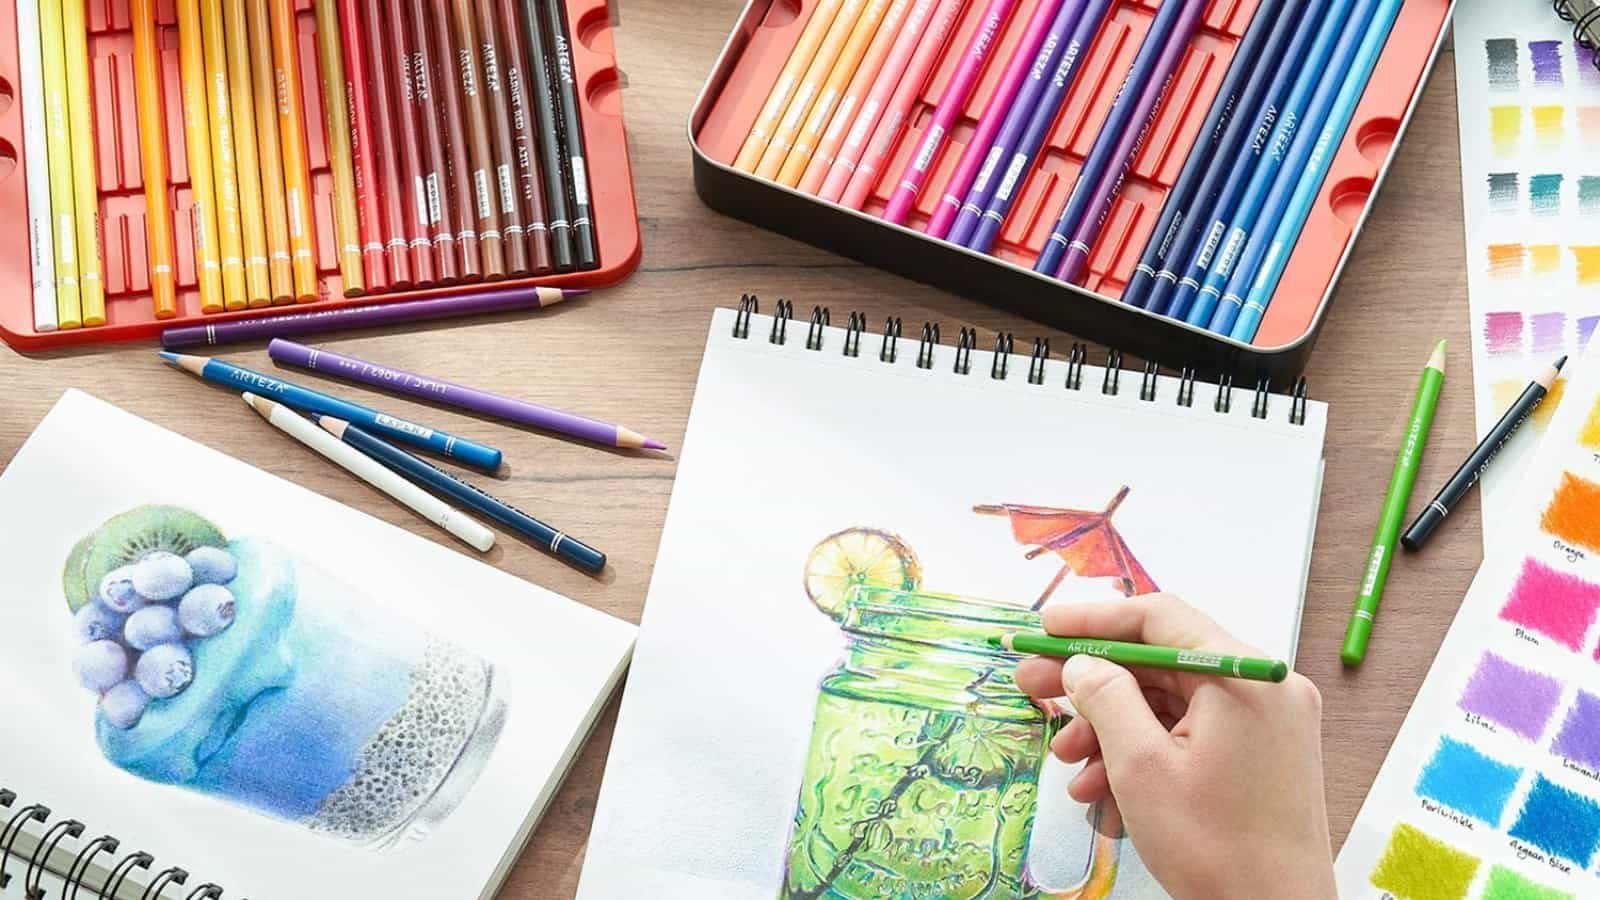 Los mejores lápices de colores en 2021 para todos los presupuestos